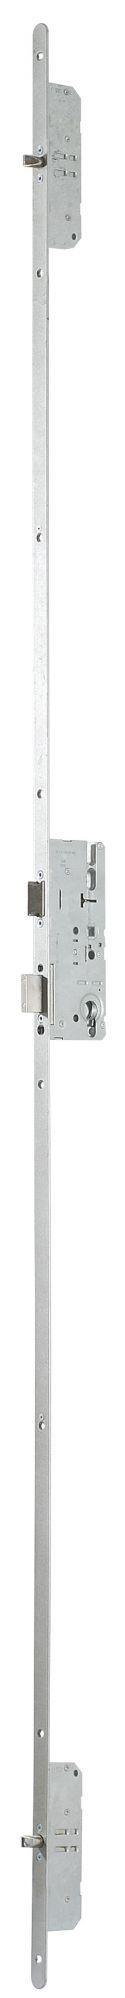 Zámečnictví - klíče : Zámek X57 - vícebodový